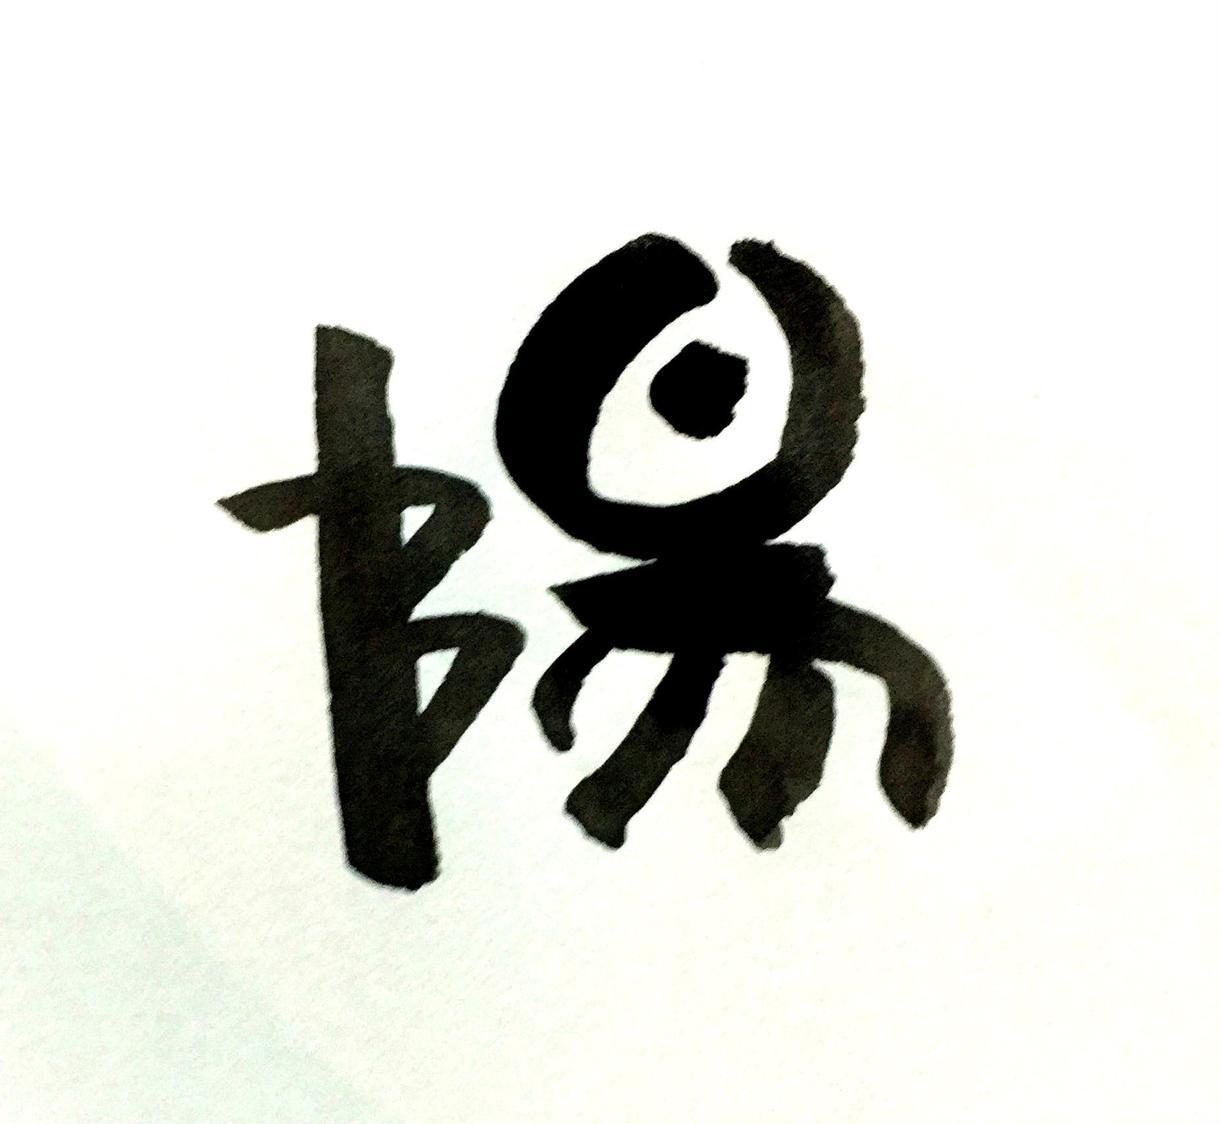 ほっこり筆一文字書きます お名前の一文字、オリジナル、ロゴ、などにいかがでしょうか。 イメージ1